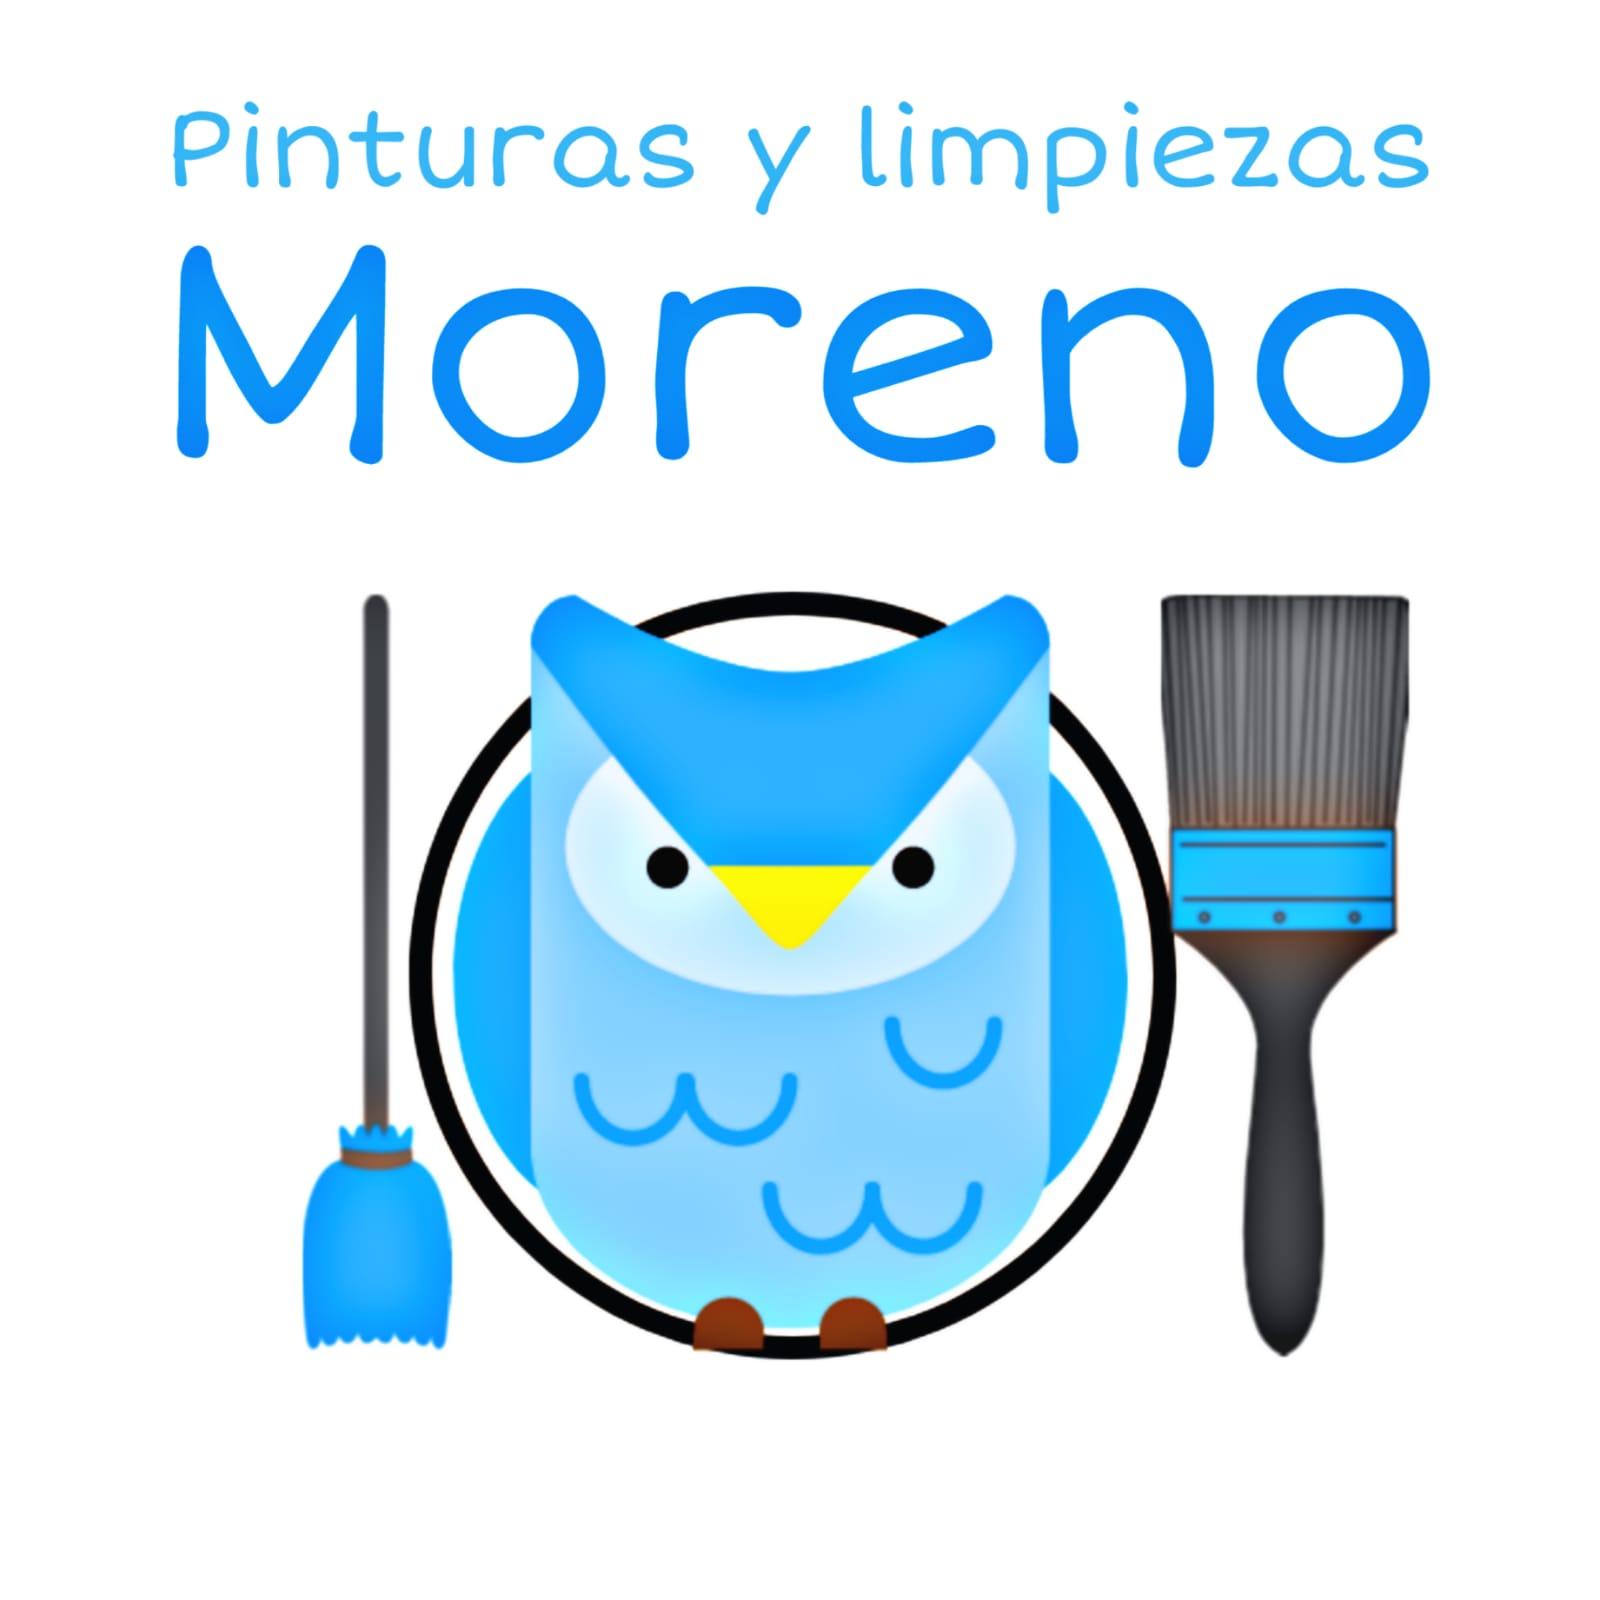 Pinturas Y Limpiezas Moreno